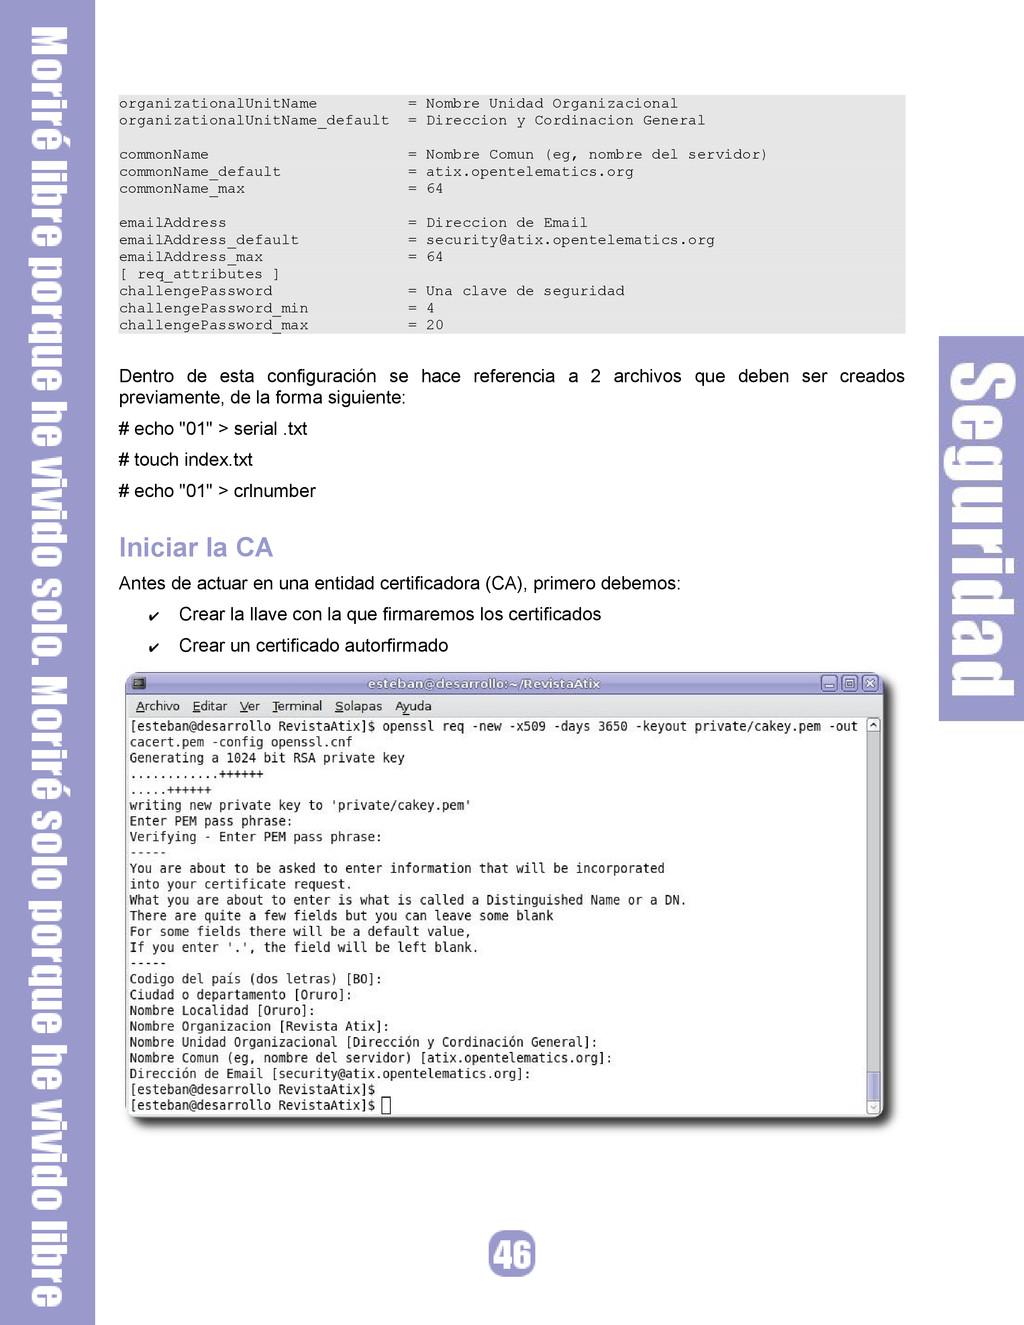 organizationalUnitName = Nombre Unidad Organiza...